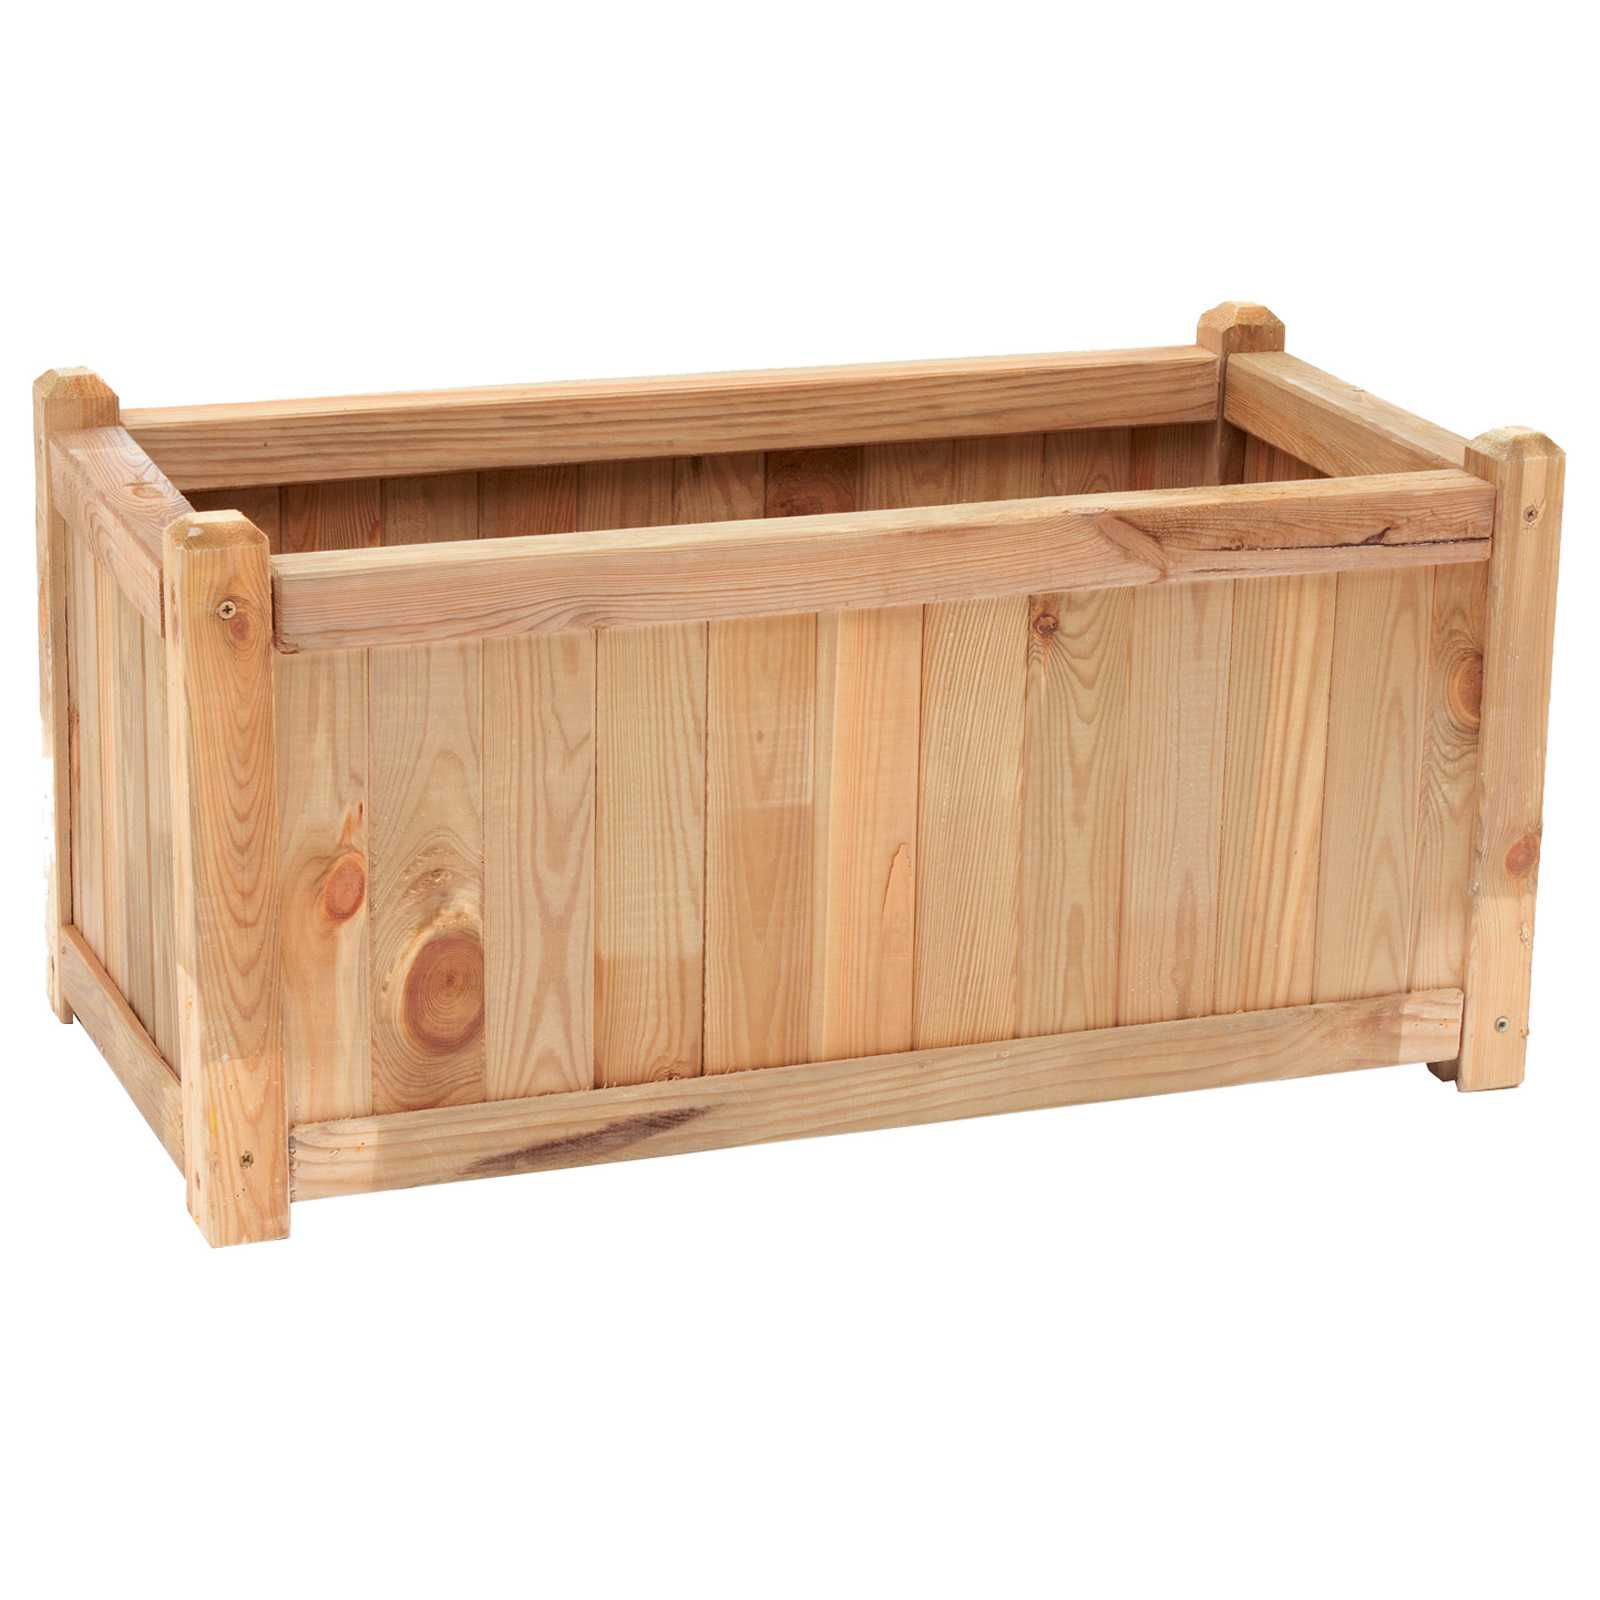 Cassetta in legno di pino impregnato cm 80x40x40h ideale per piante e fiori - vasi e fioriere